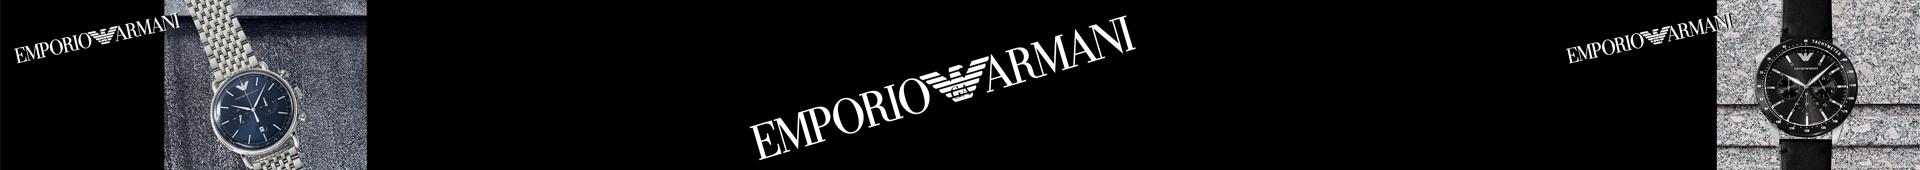 Emporio Armani Retro